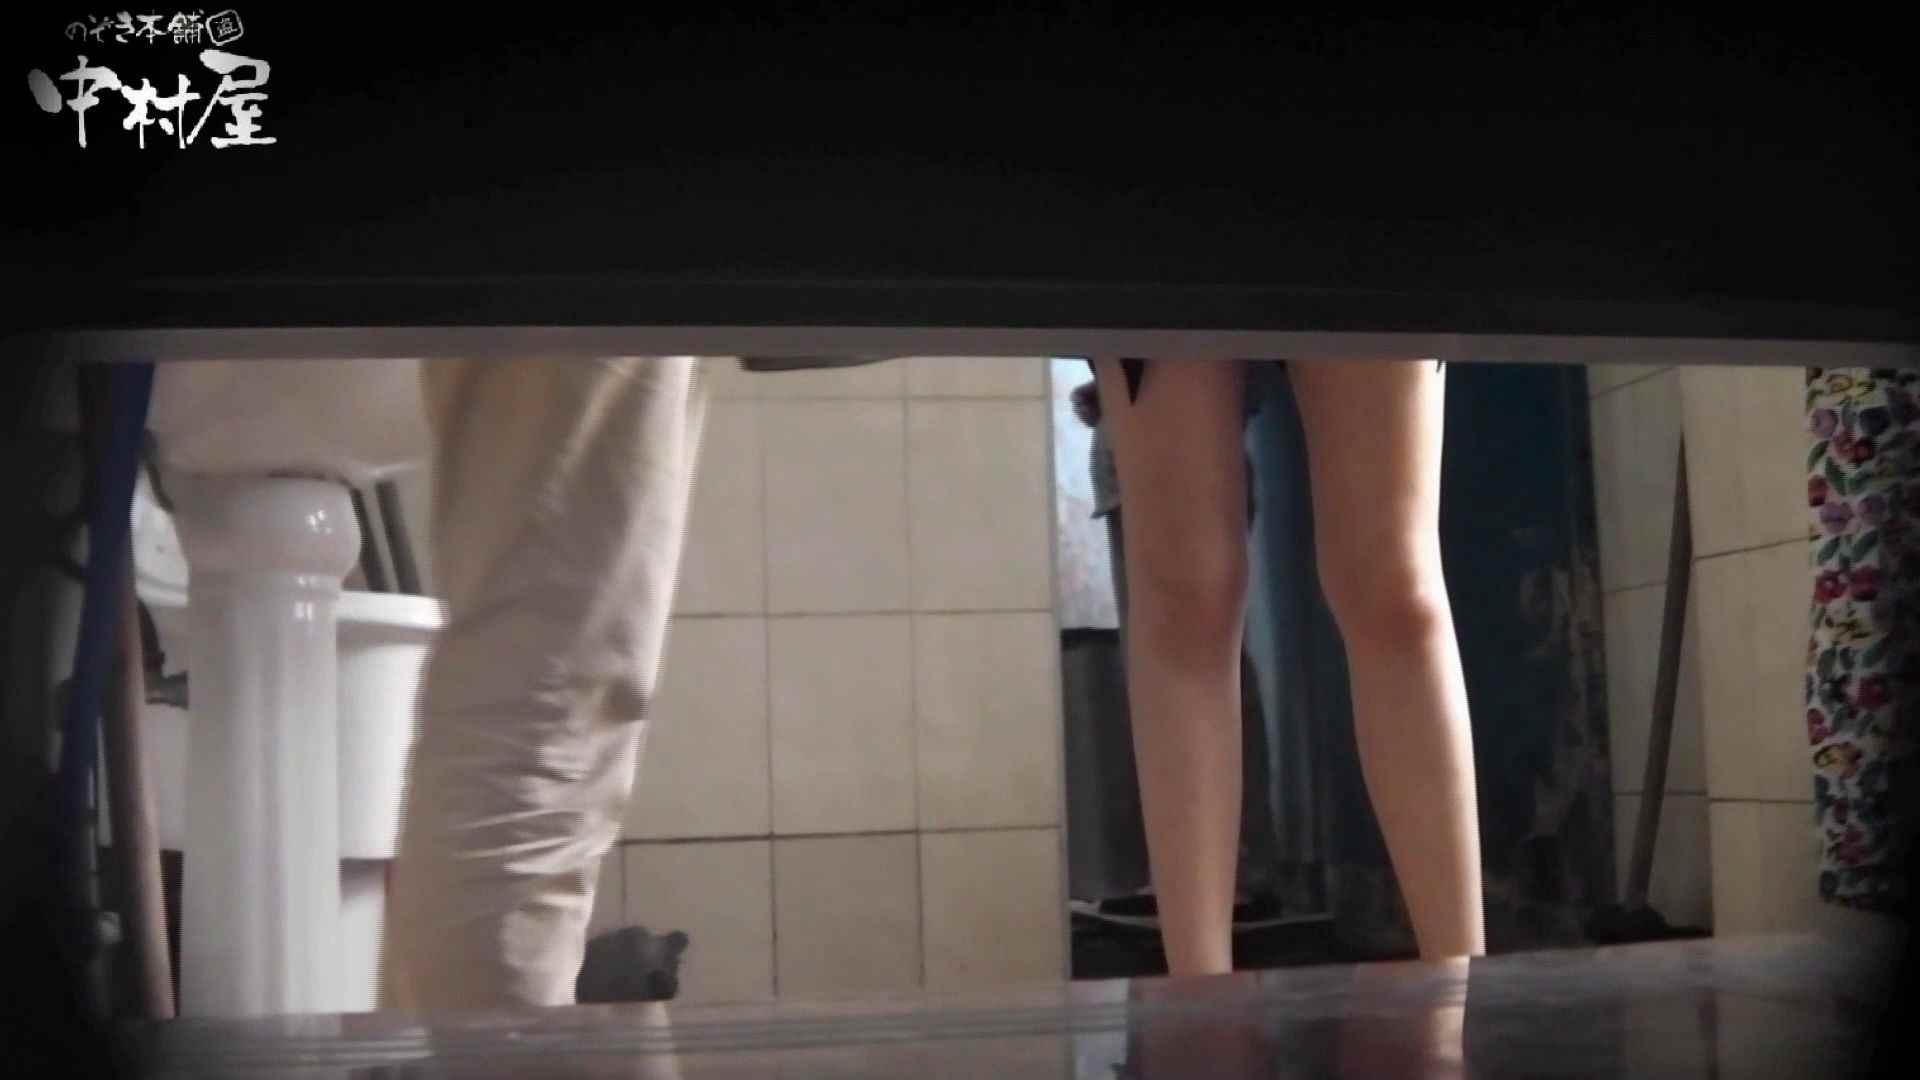 世界の射窓から~ステーション編~vol46 美女のアップが盛りだくさん。後編 美女   OLのエロ生活  93連発 91